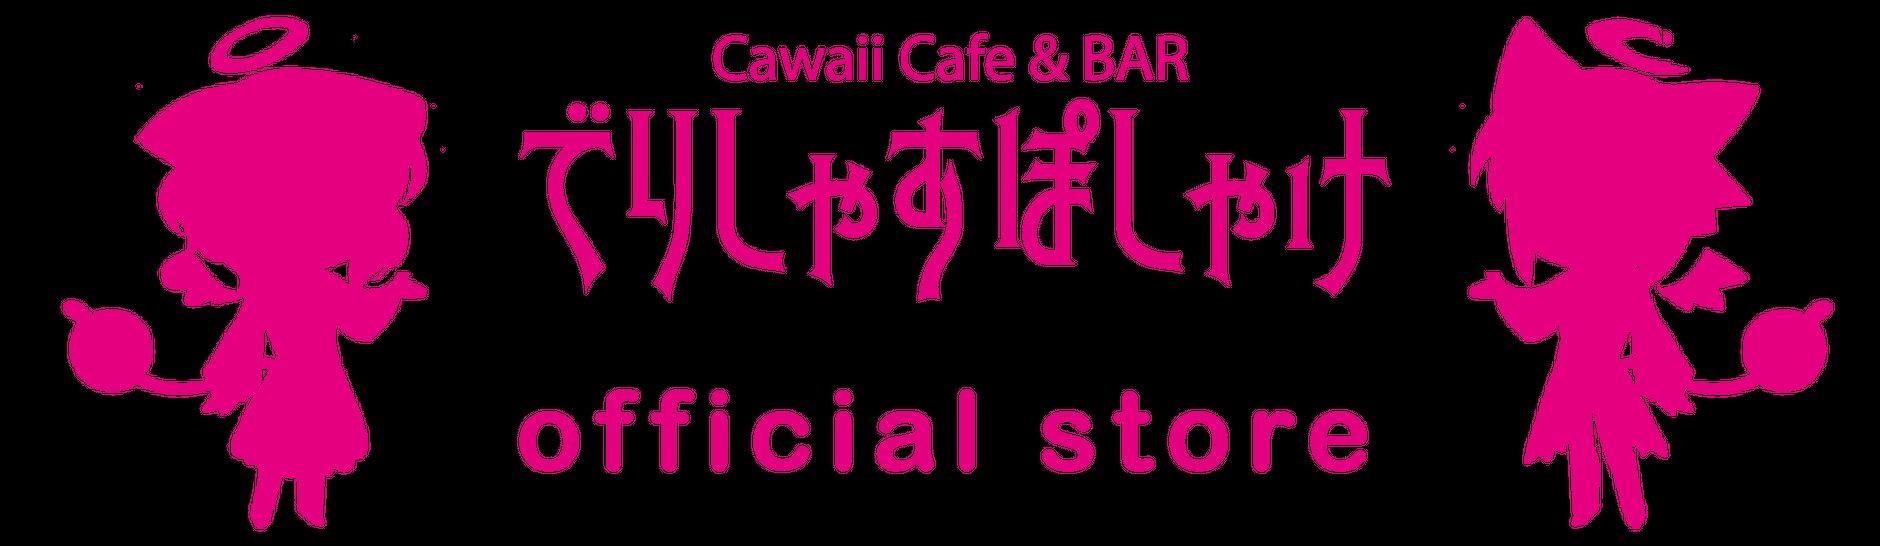 でりしゃすぽしゃけ official store